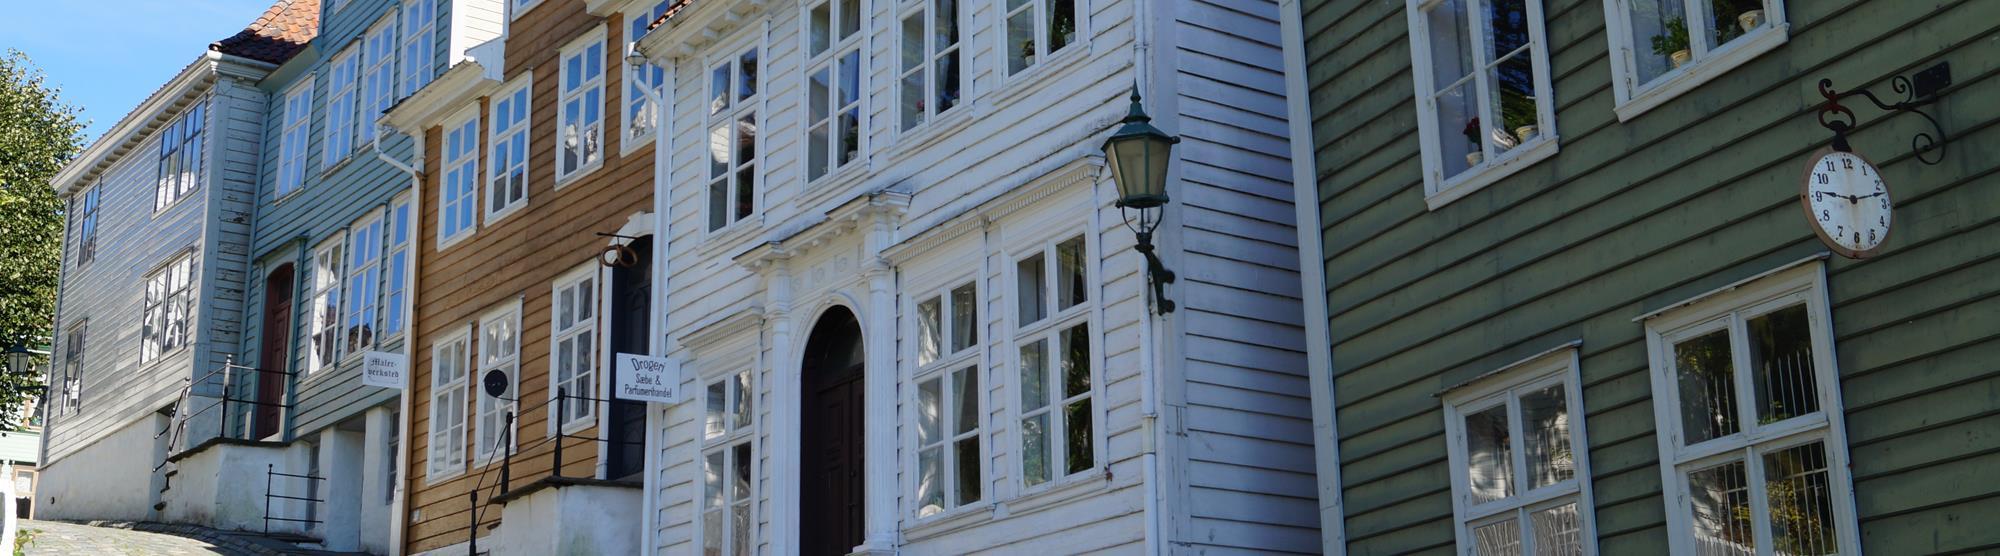 Museums in Bergen